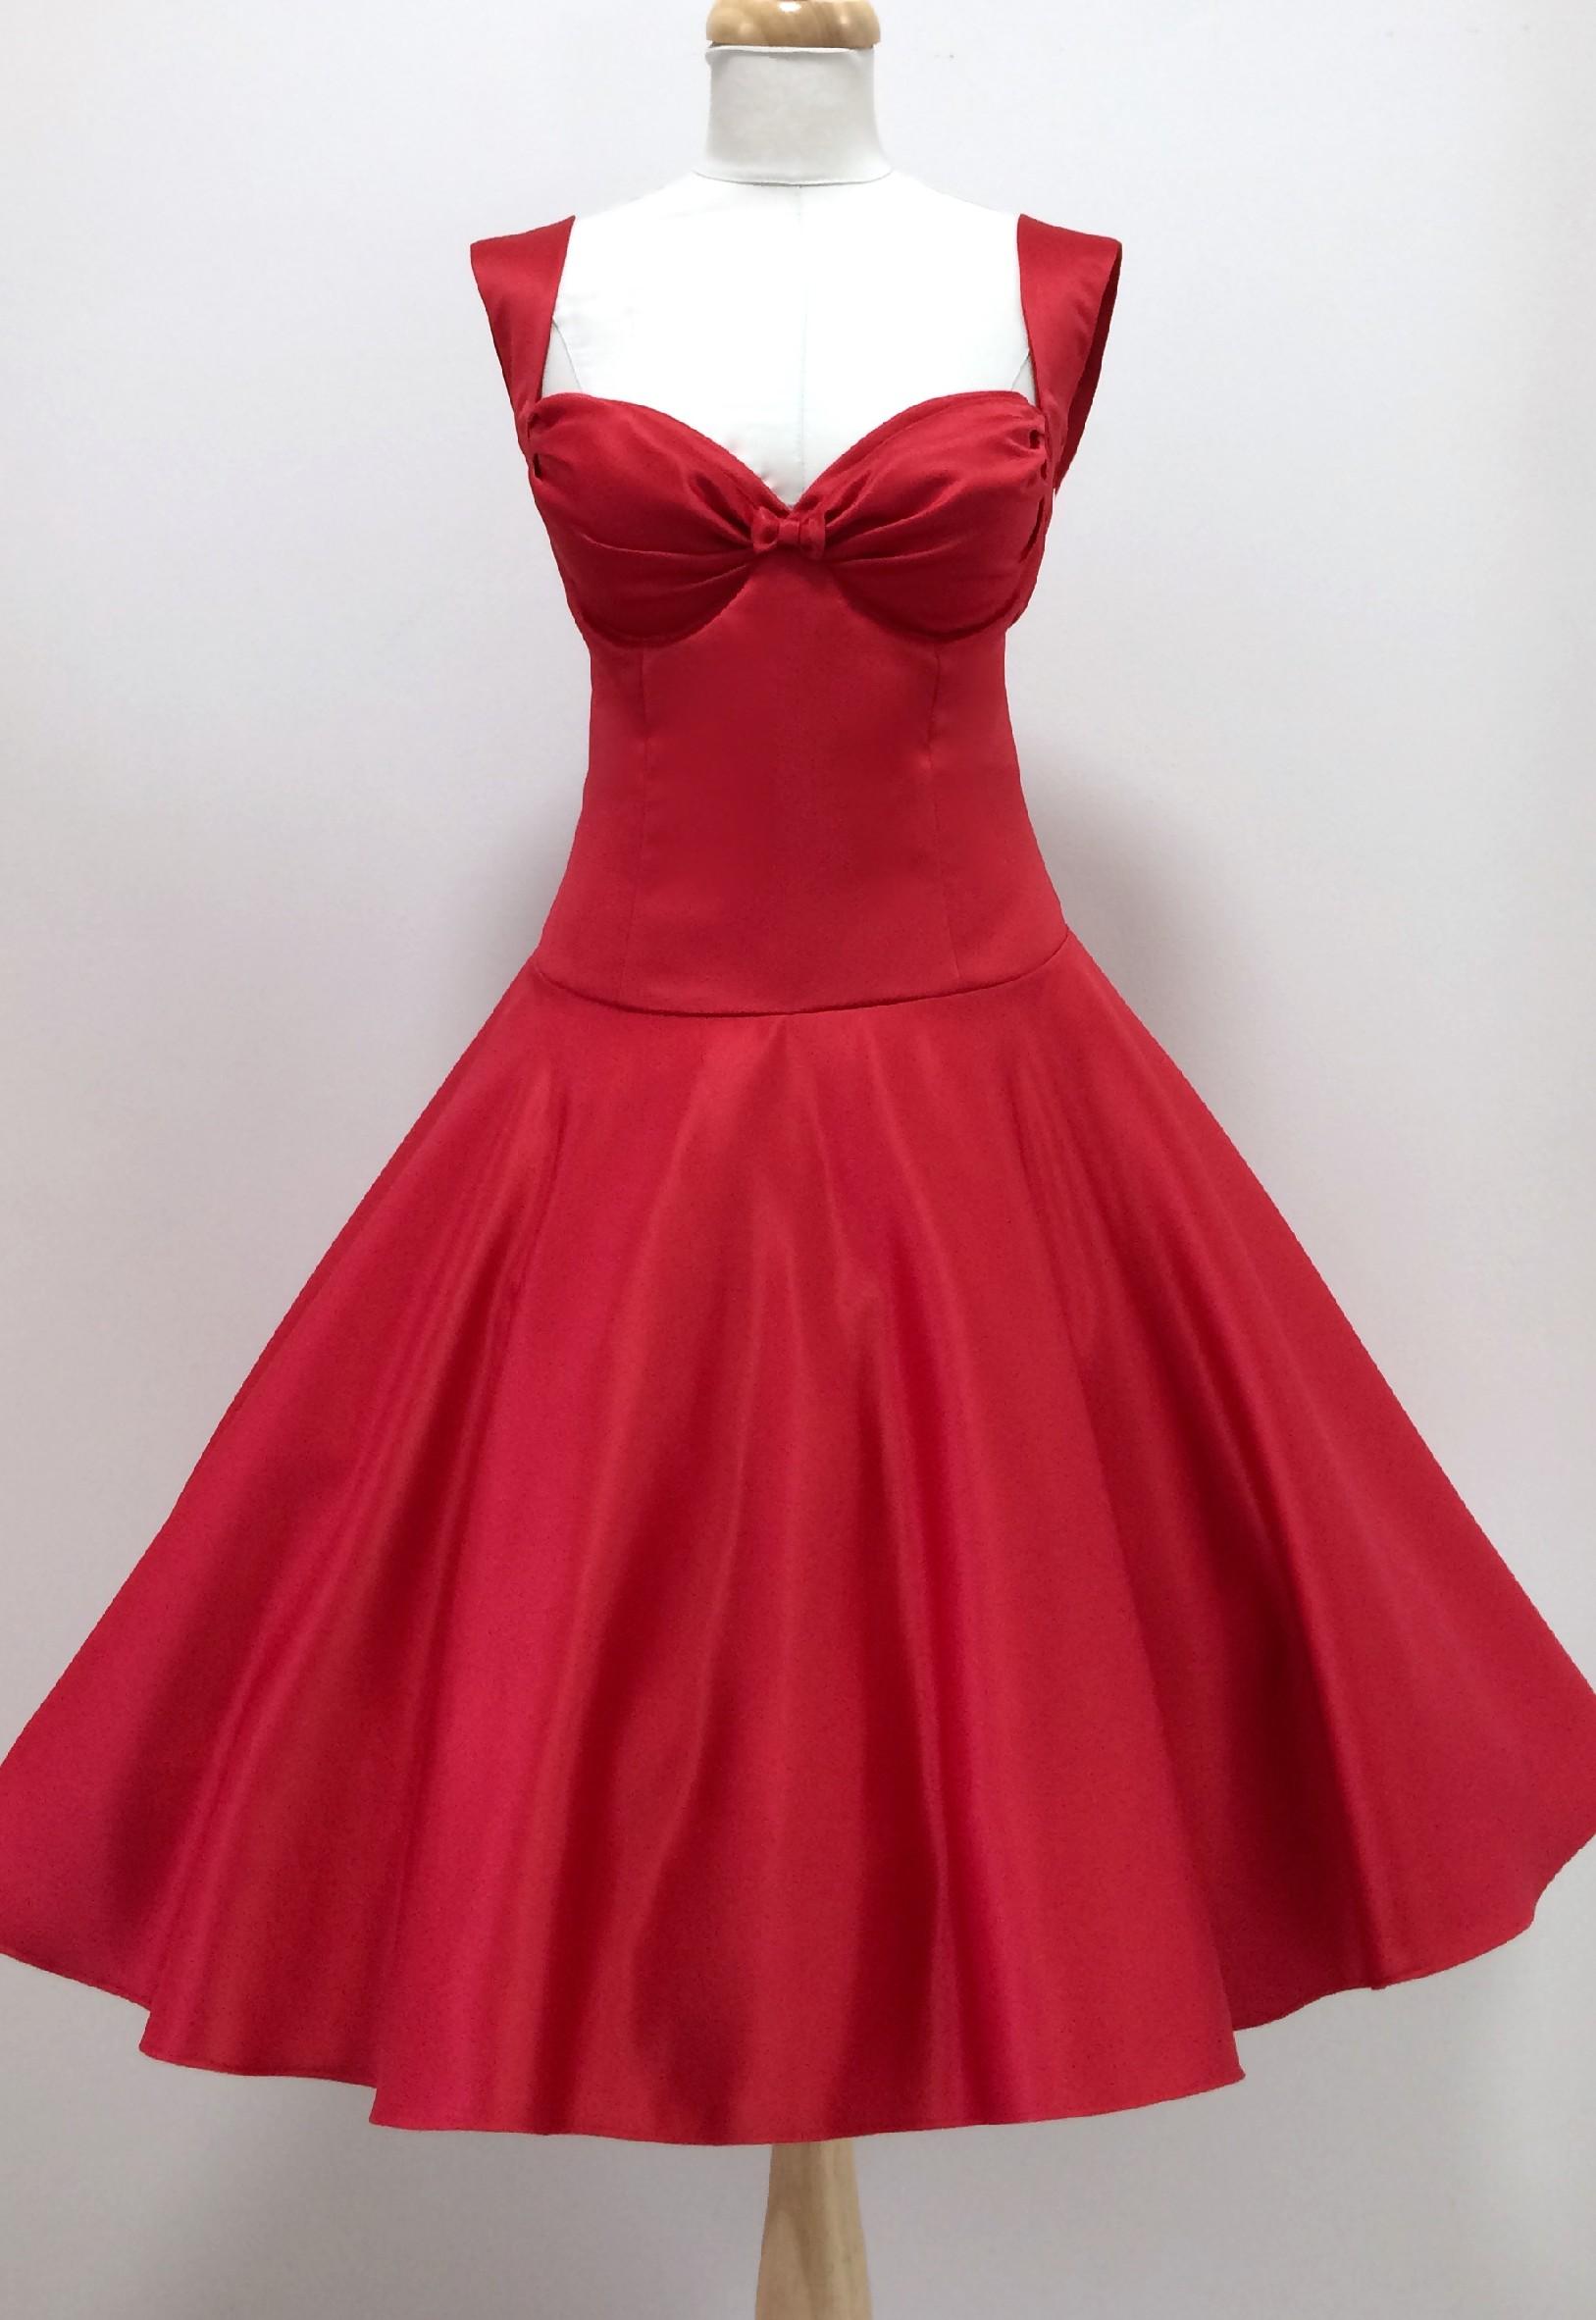 Červené krátké plesové šaty Louisa Barva jako na obrázku, 38